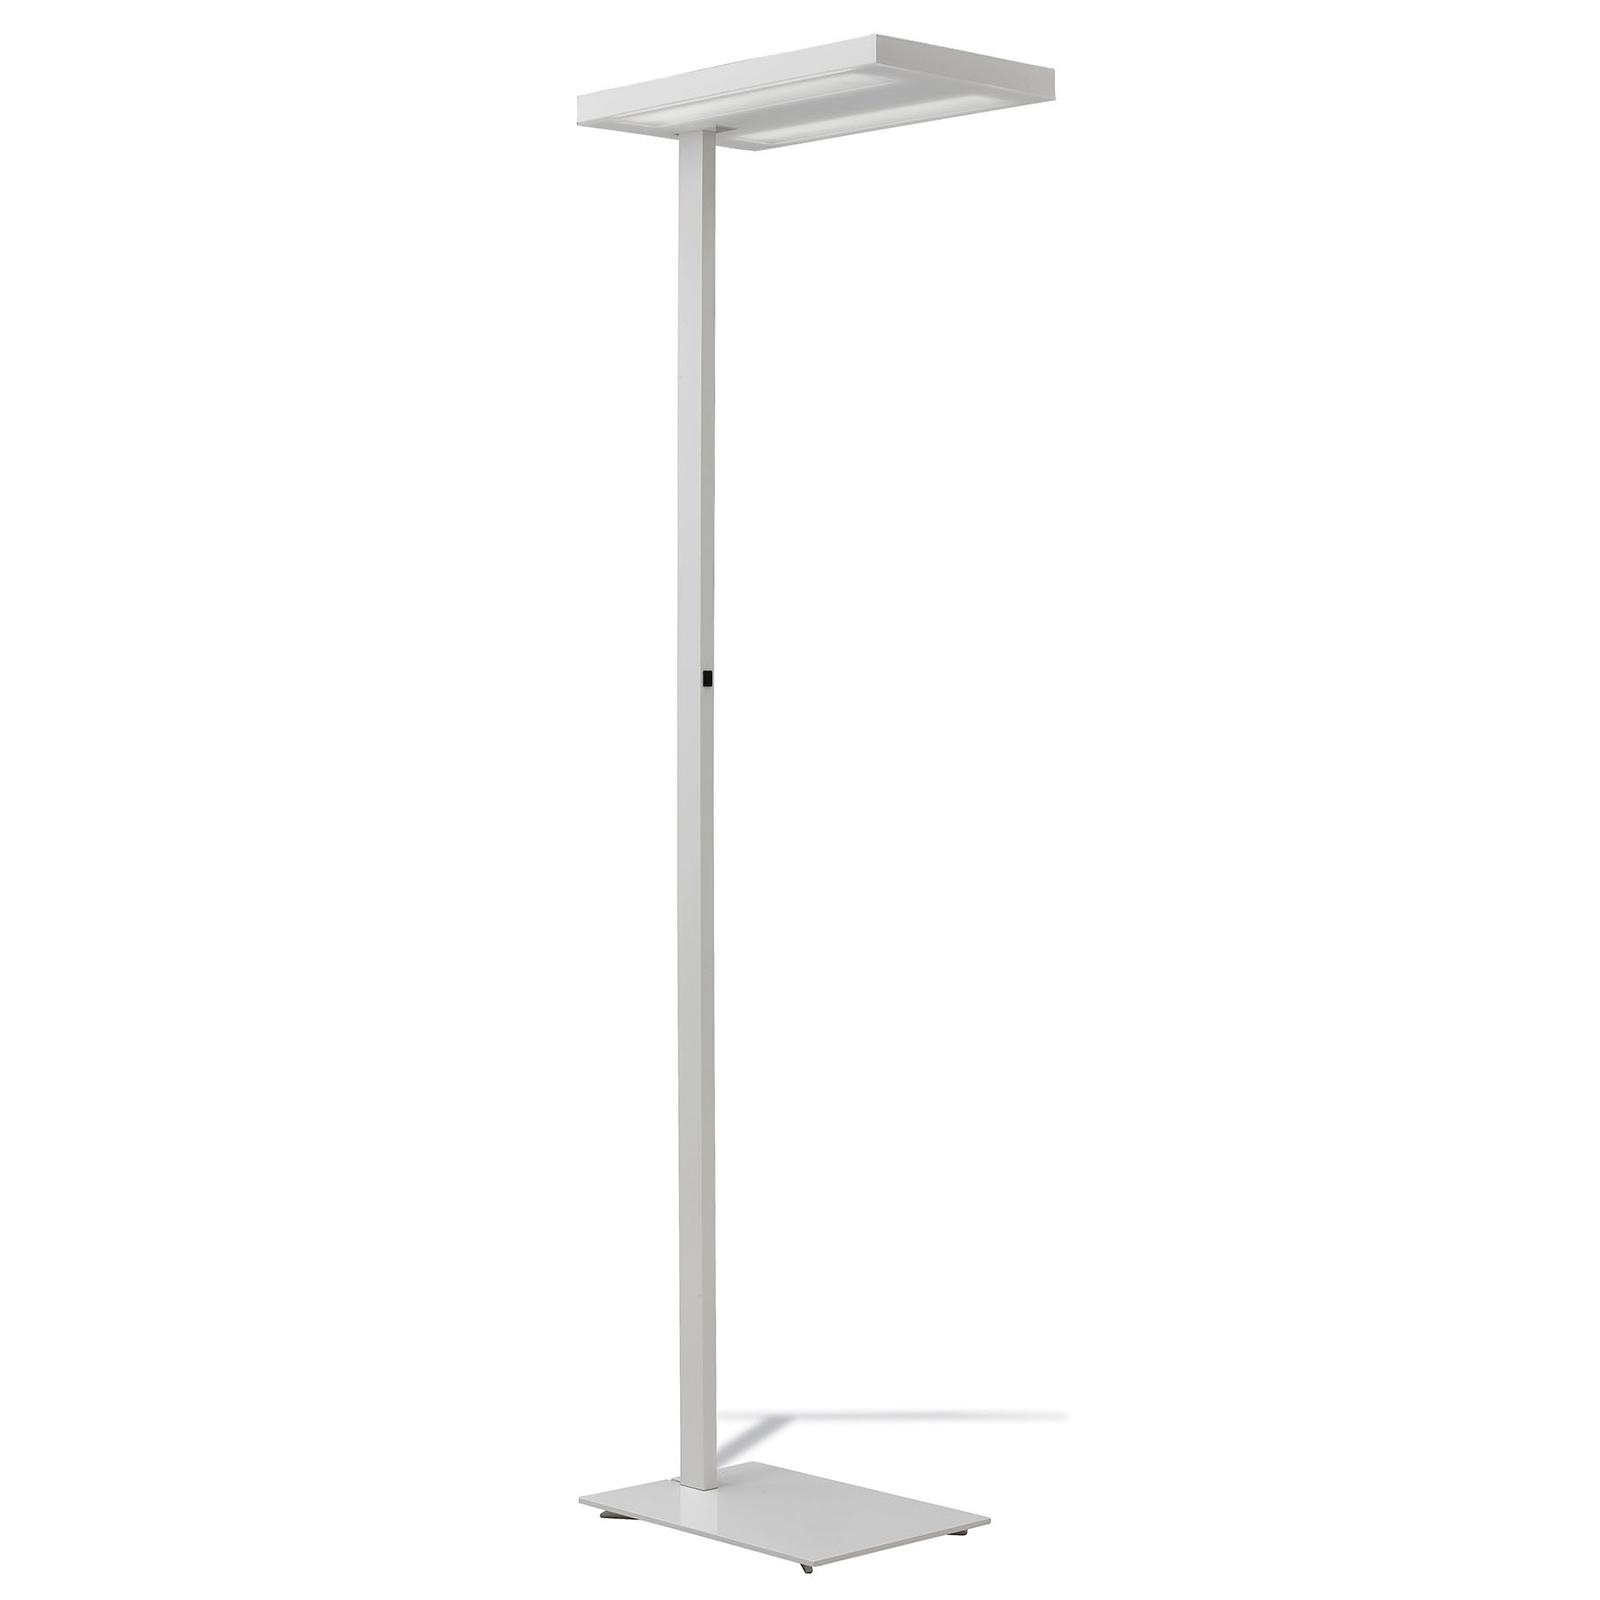 Lampa stojąca LED Free-F 4000K czujnik biała